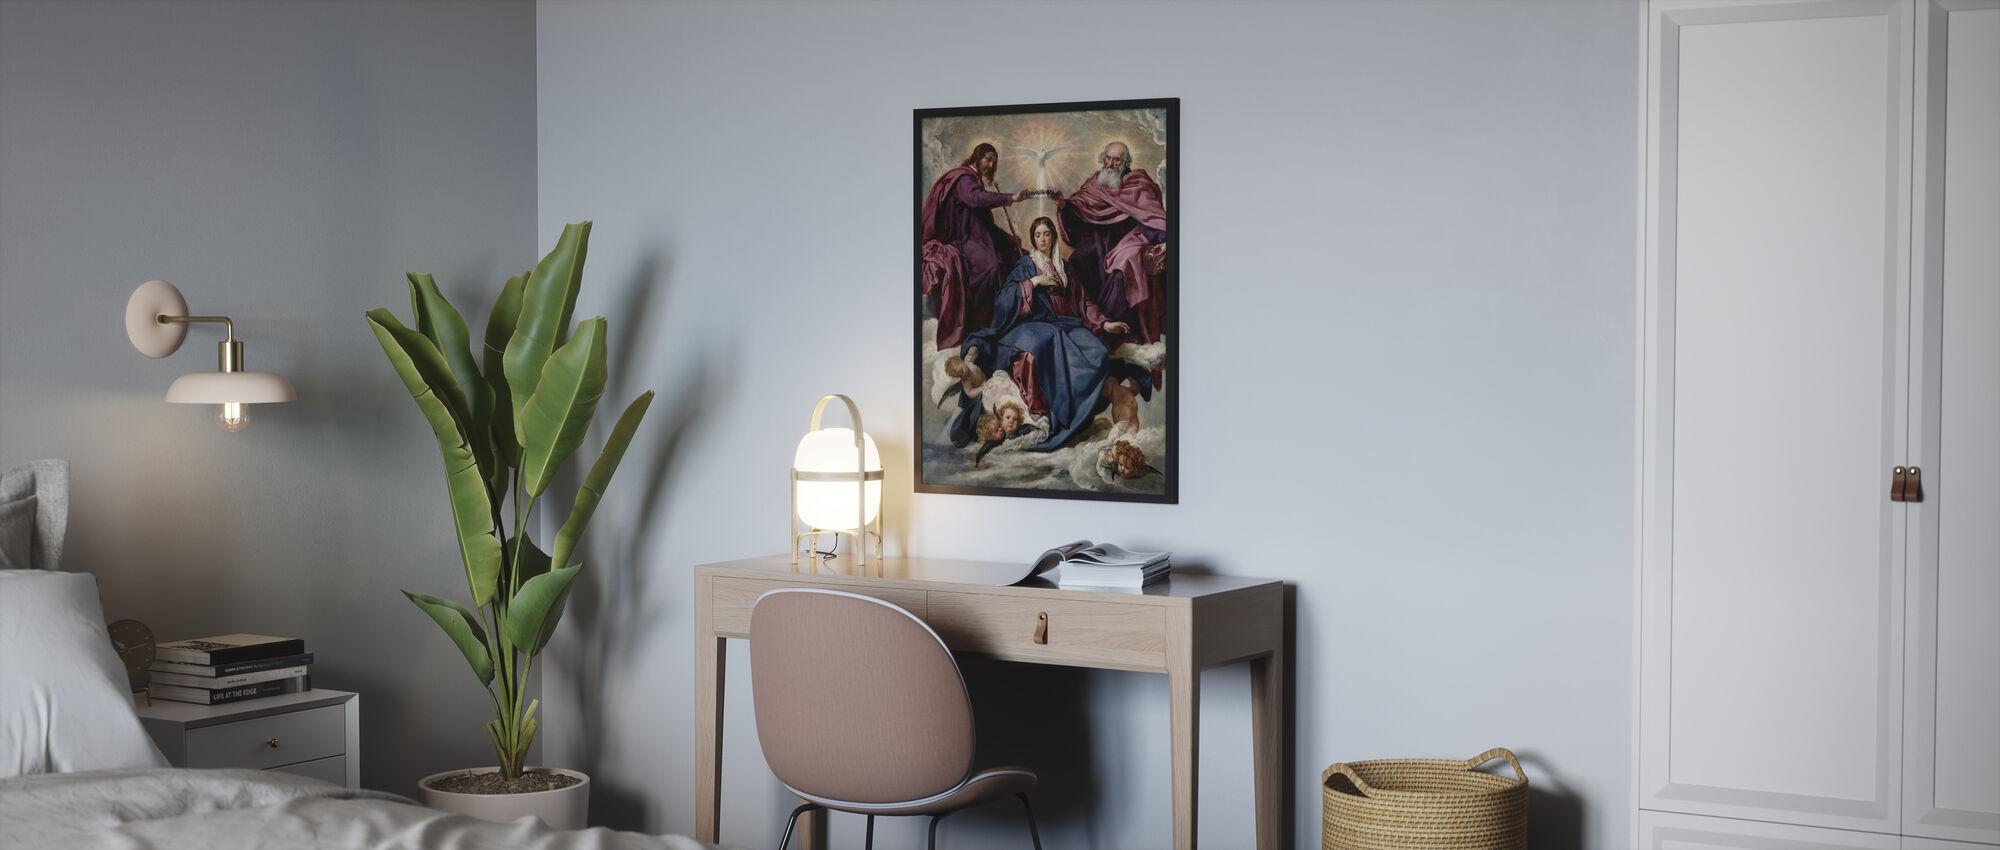 Kroning - Diego Velazquez - Innrammet bilde - Soverom